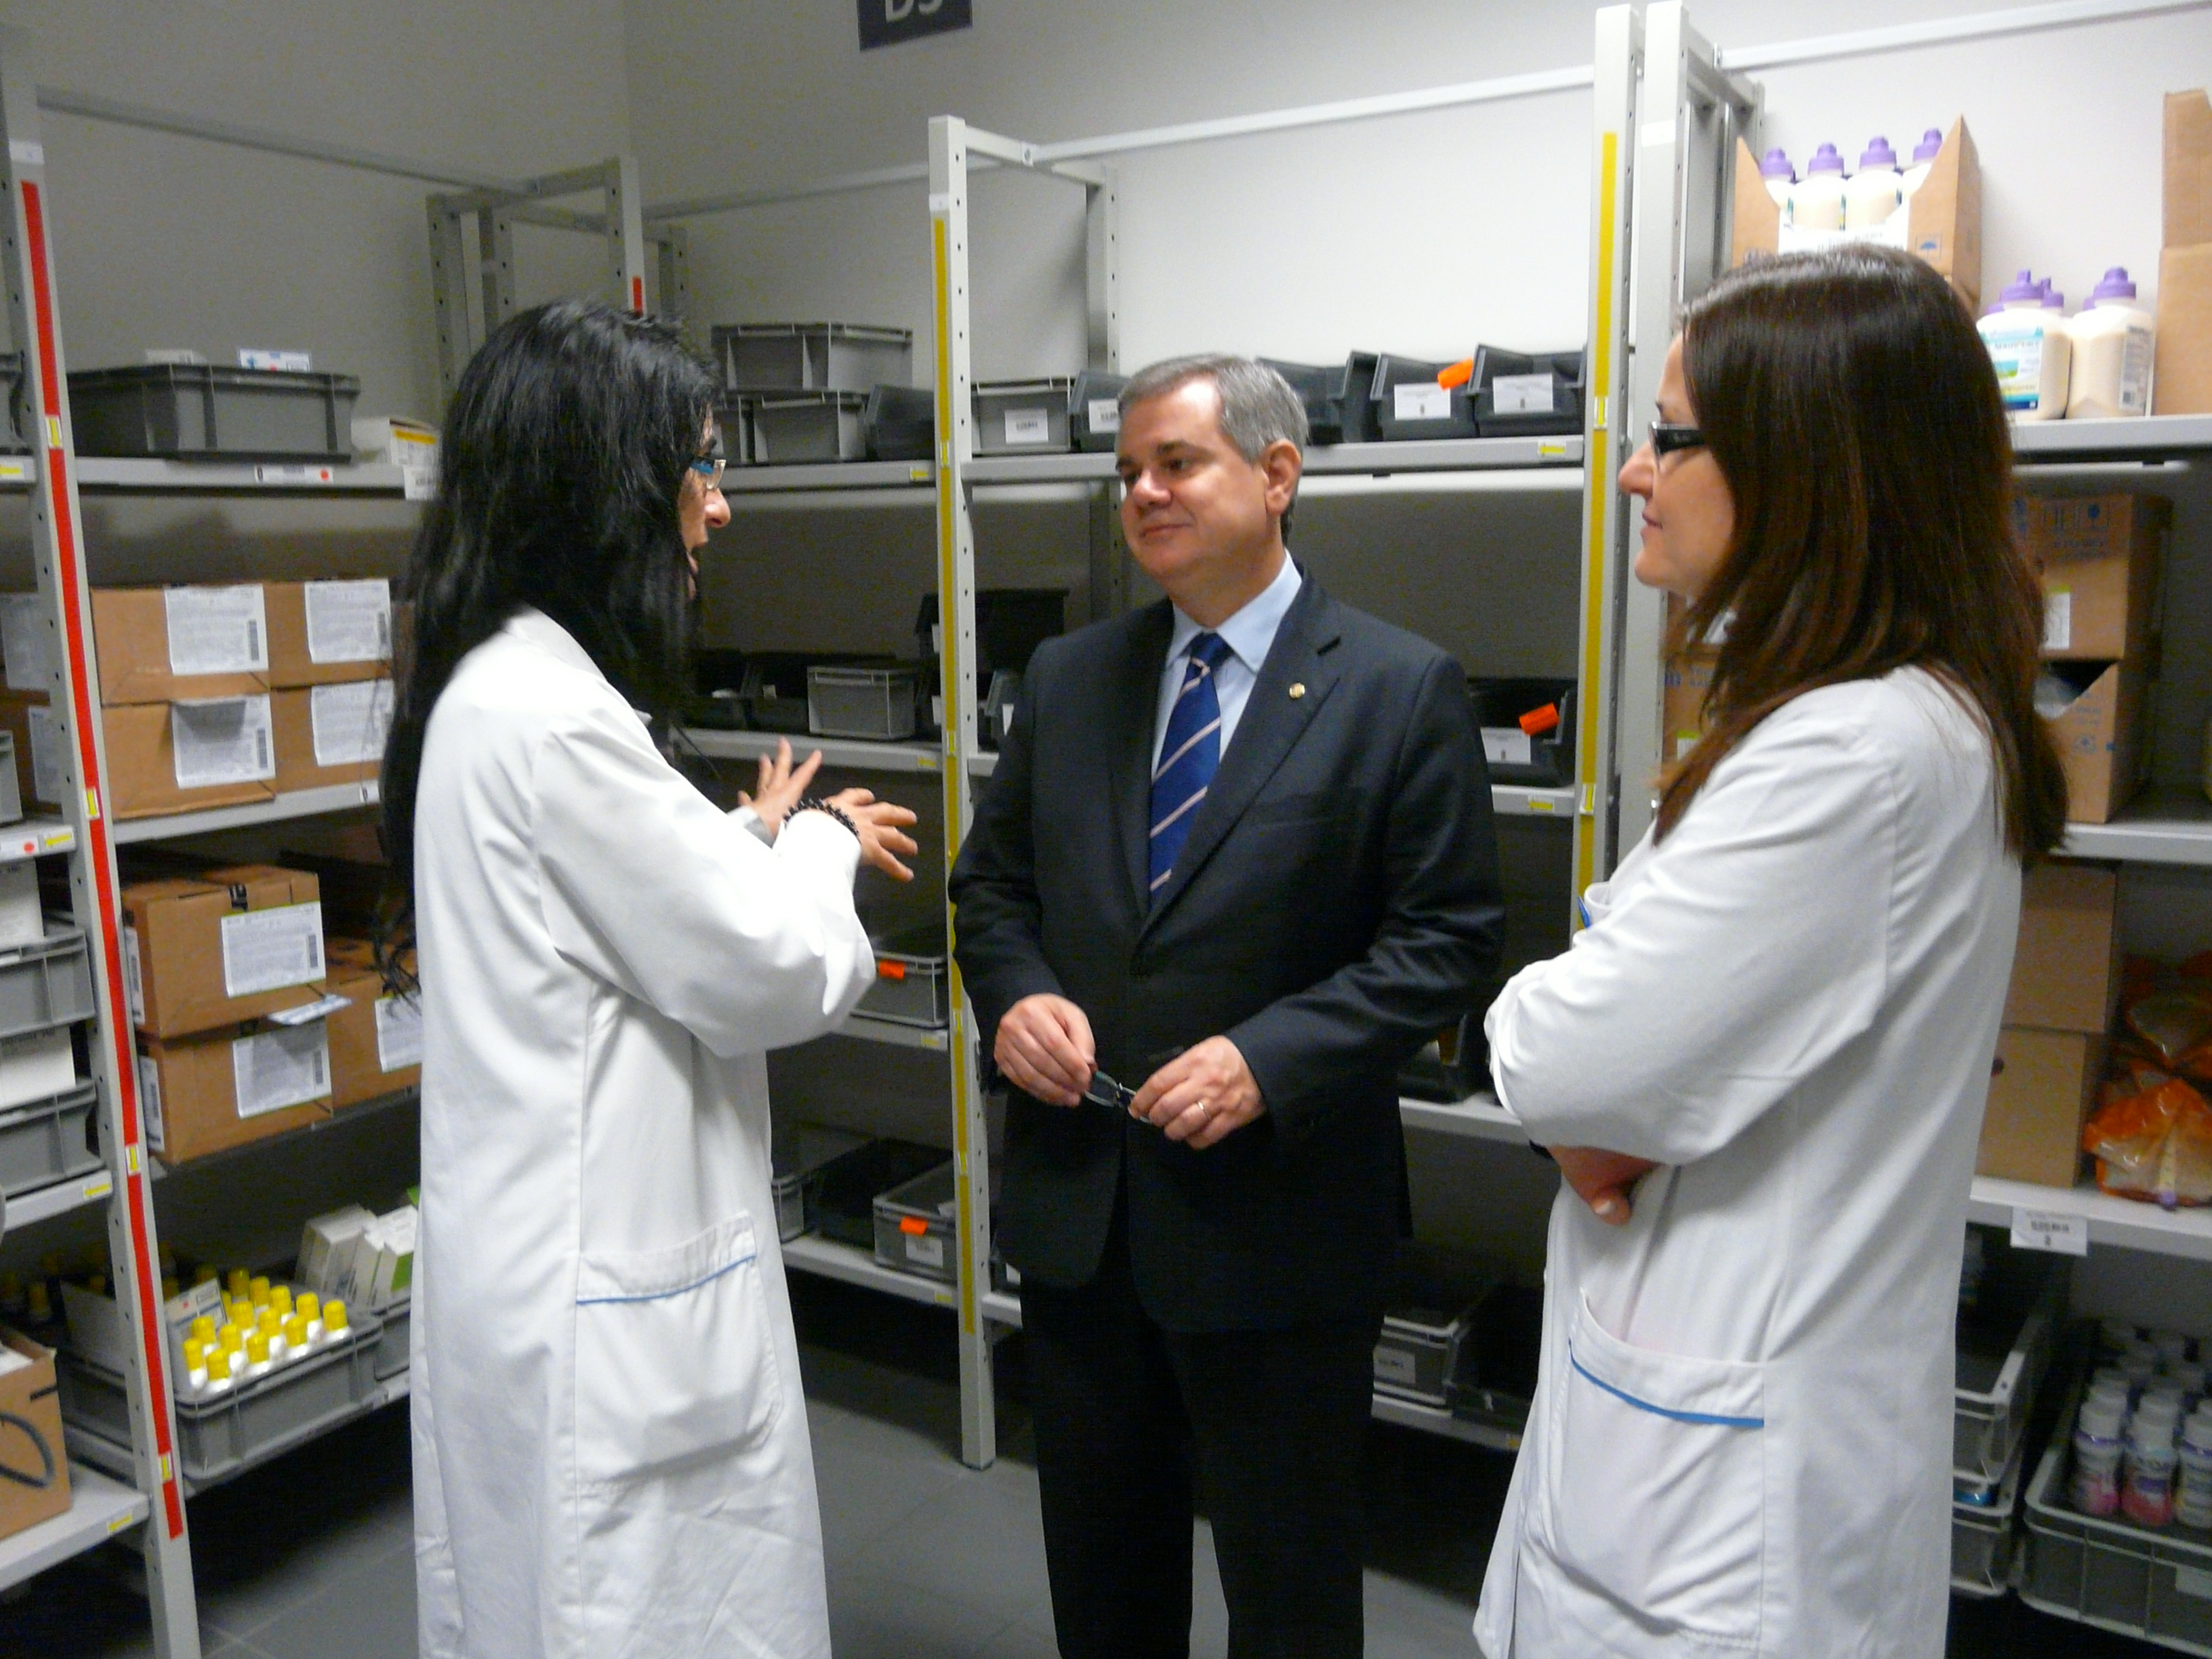 hospital-de-vila-franca-de-xira-Hospital Vila Franca de Xira recebe visita do Bastonário da Ordem dos Farmacêuticos